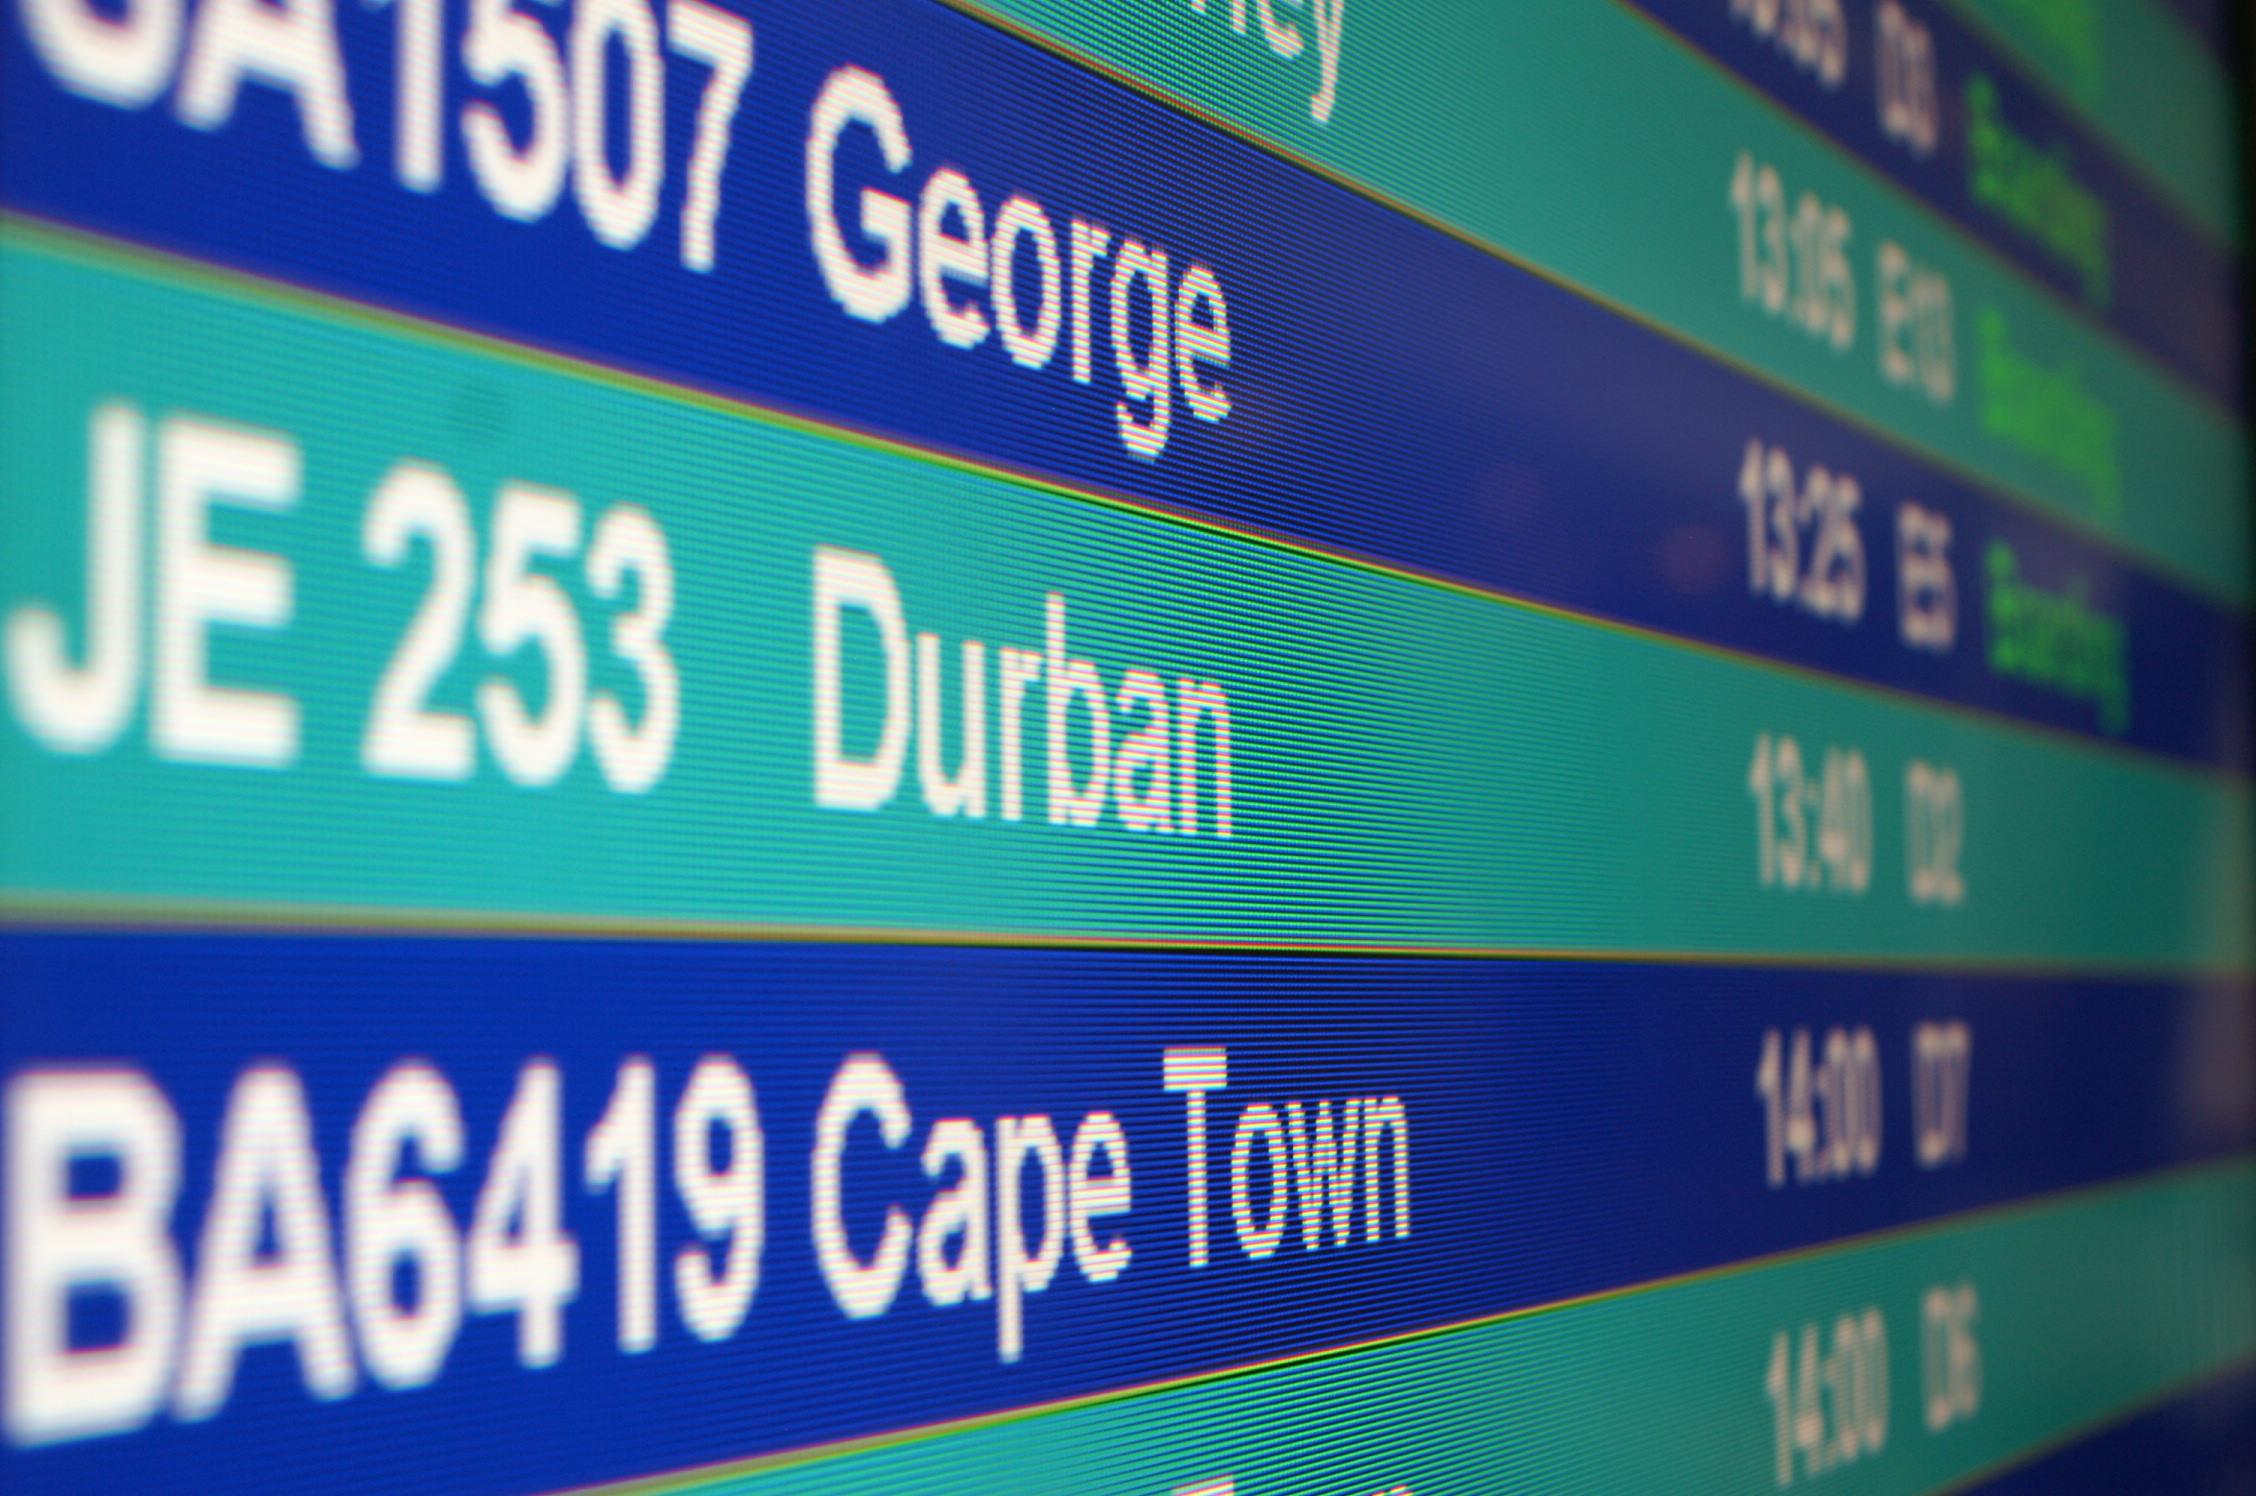 Anzeigetafel der Flüge